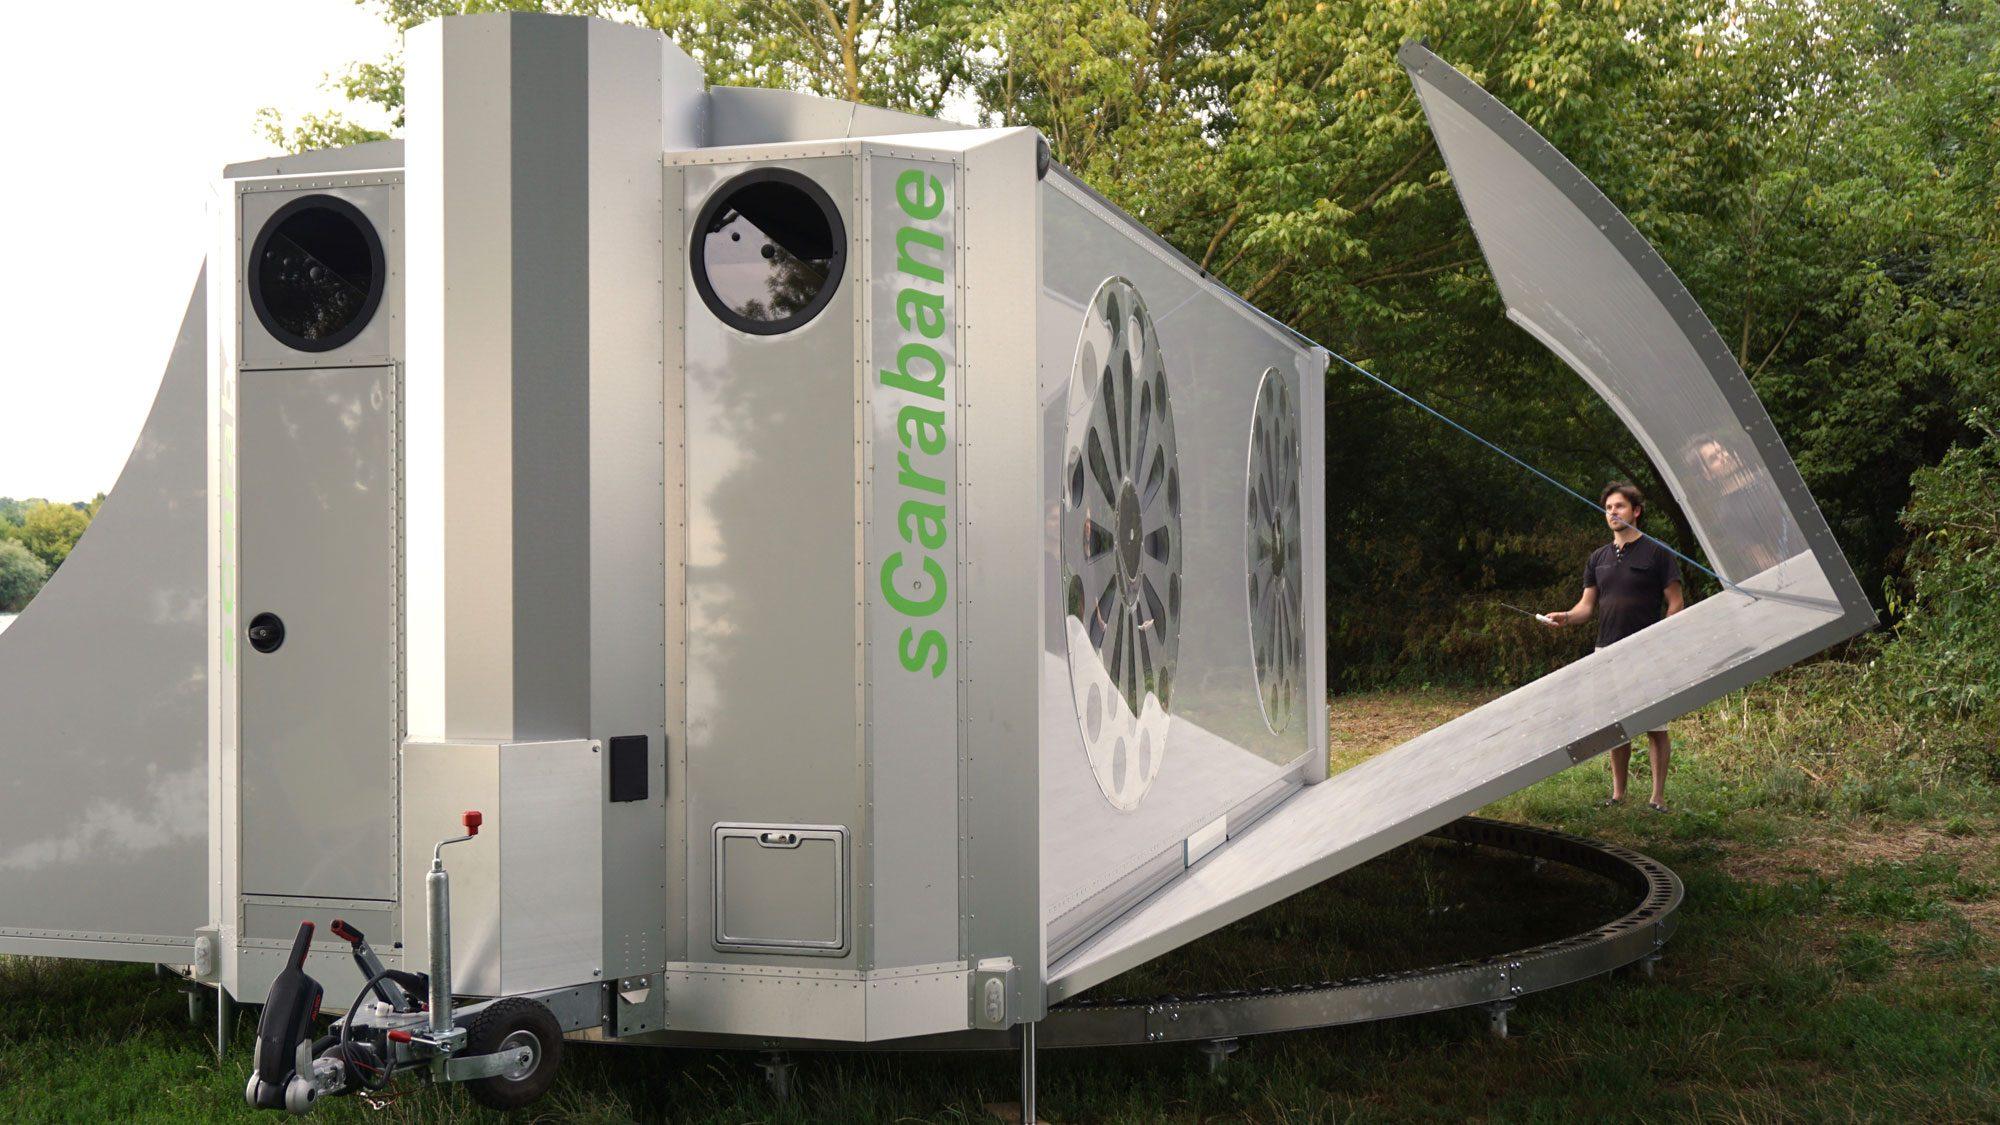 Off Grid Caravan - expanding